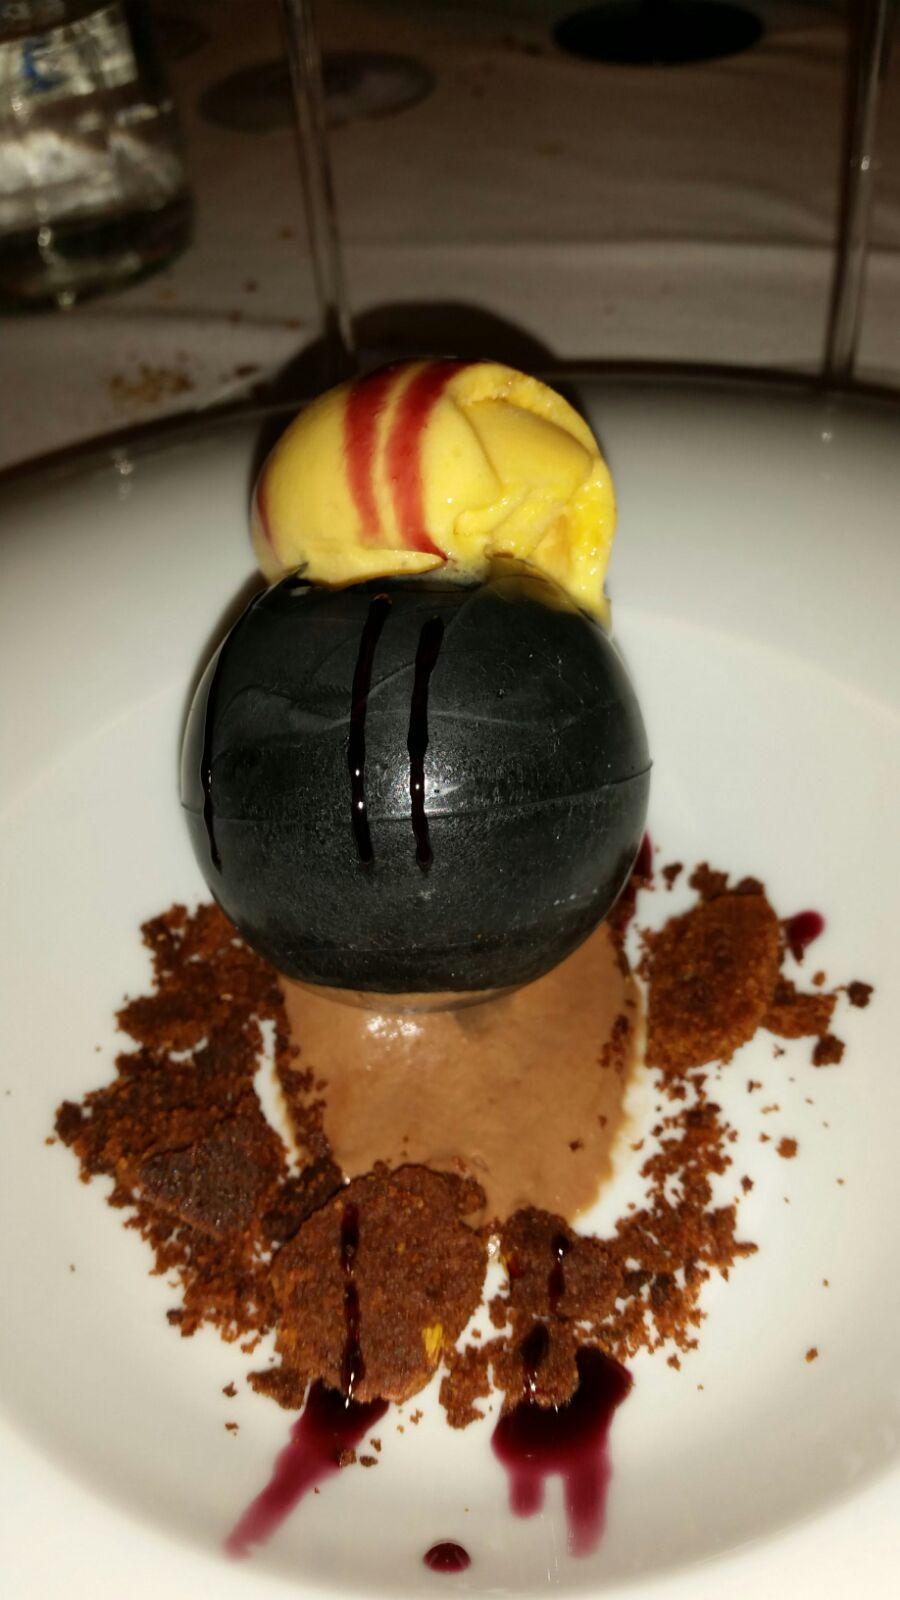 Bodega Cigaleña en Santander Esfera de coco y chocolate